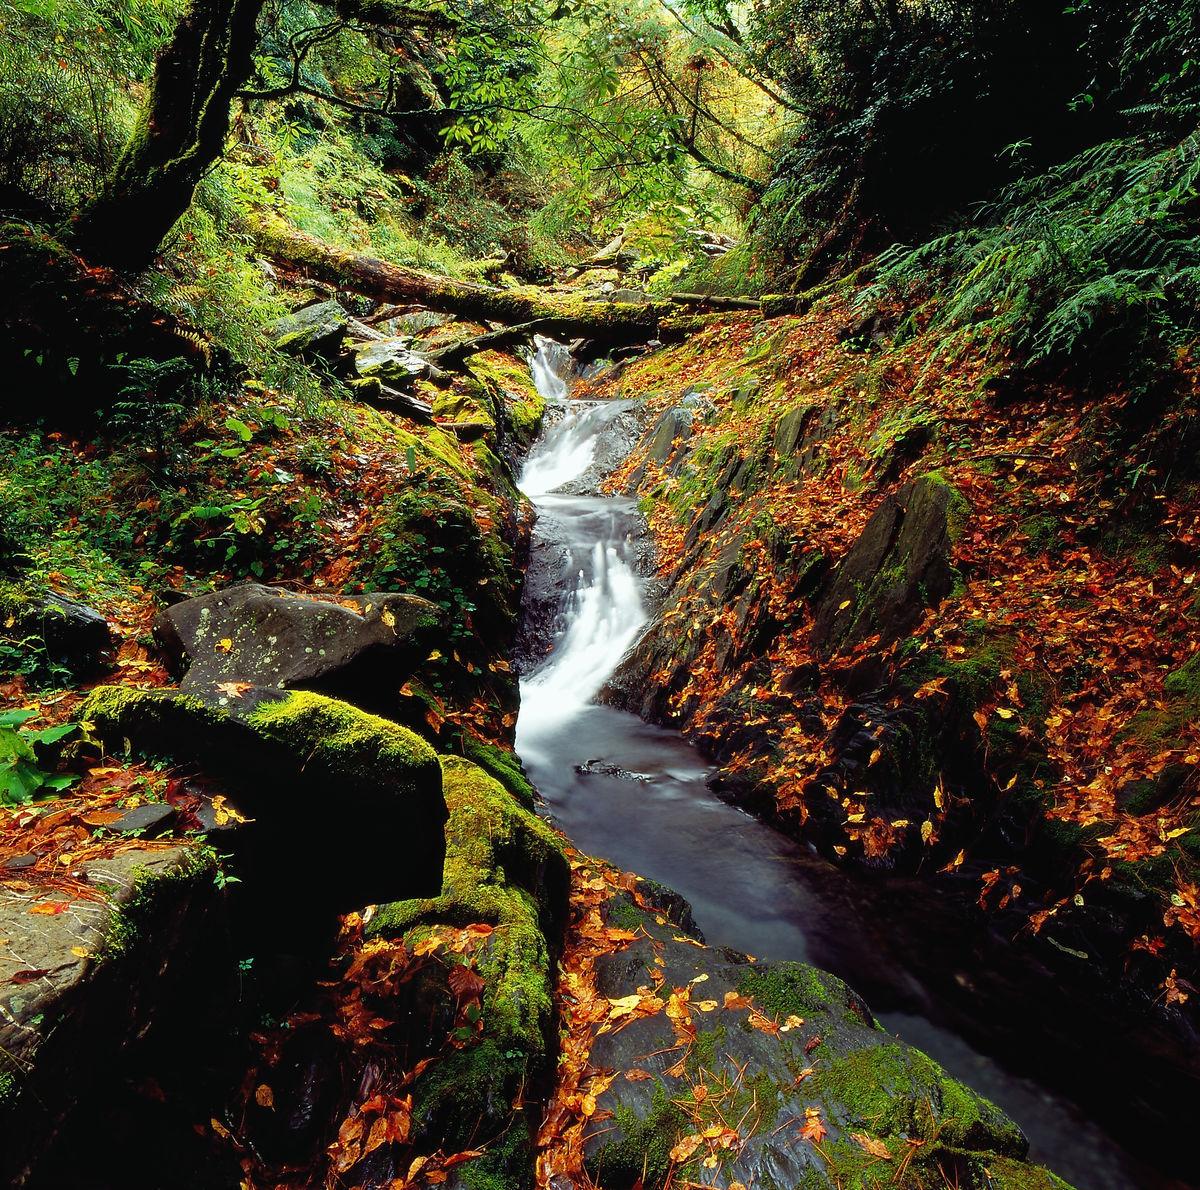 台湾,中横,溪流,小溪,枫叶,枫树,山林,树林,红叶,风景,景色,景观图片